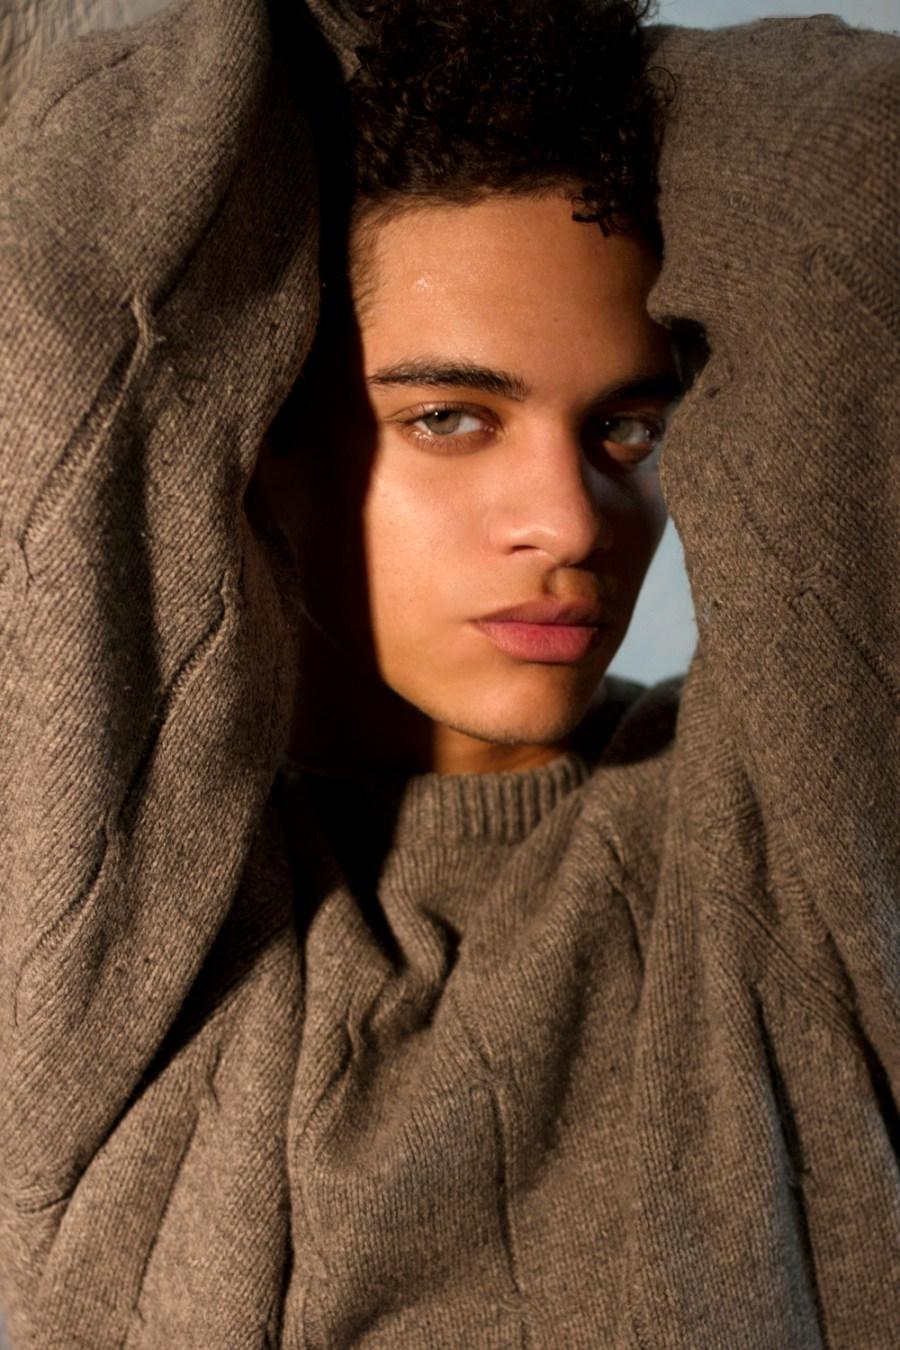 jon-reneau-by-joseph-bleu-for-fashionably-male8